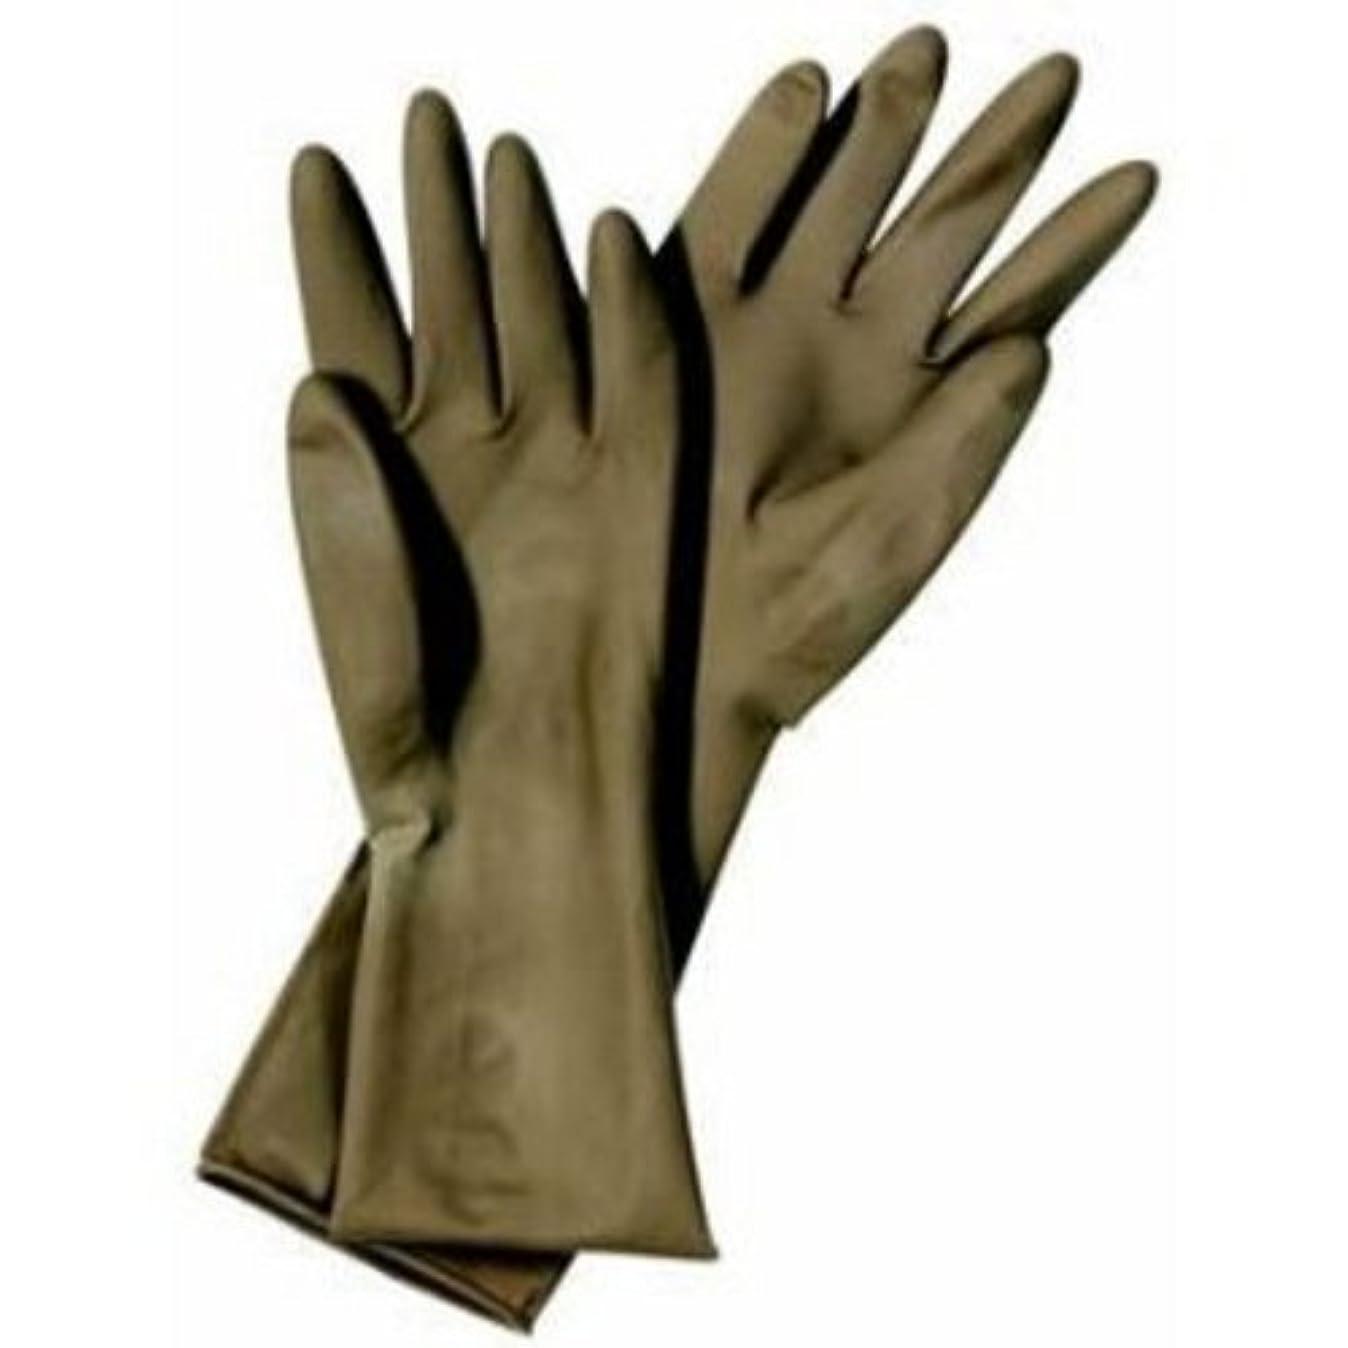 予感装備する泥棒マタドール ゴム手袋 8.5インチ